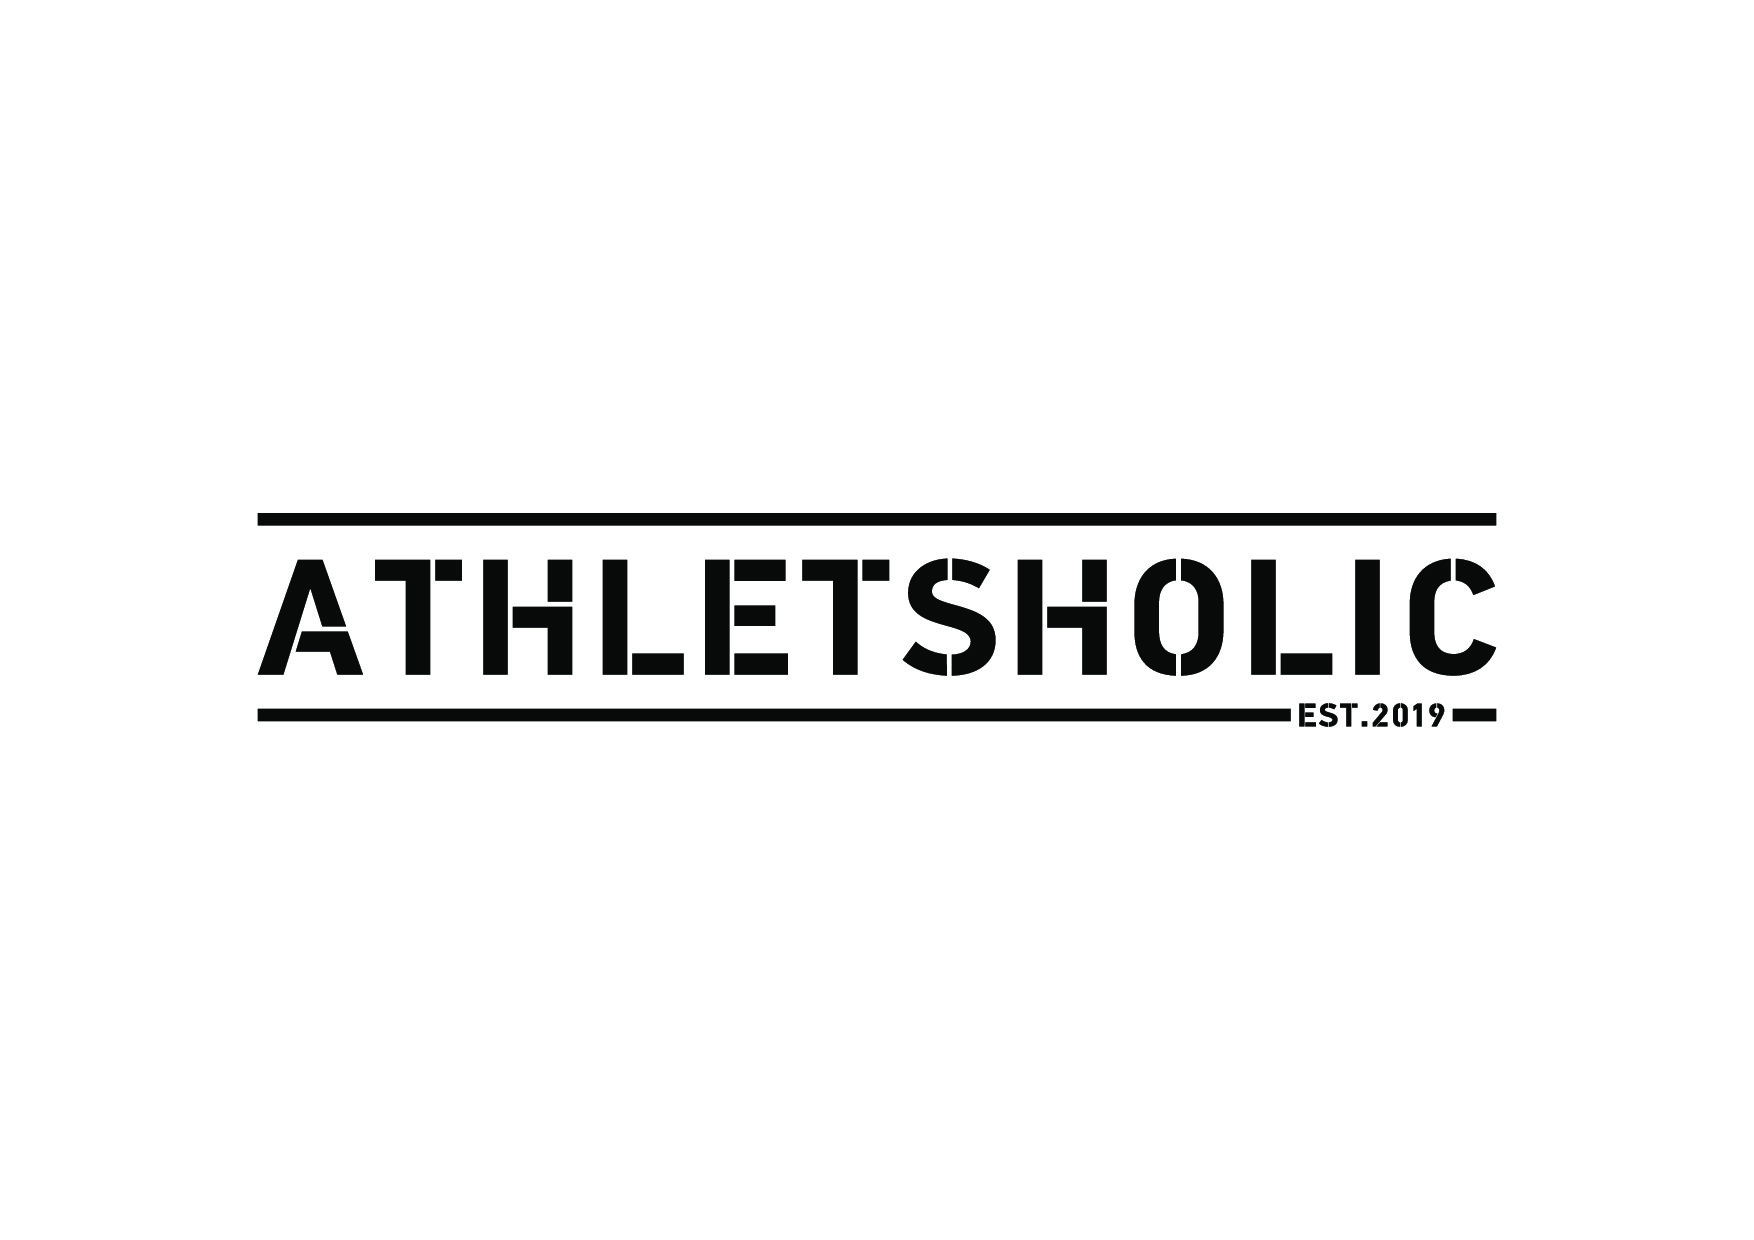 ATHLETSHOLIC